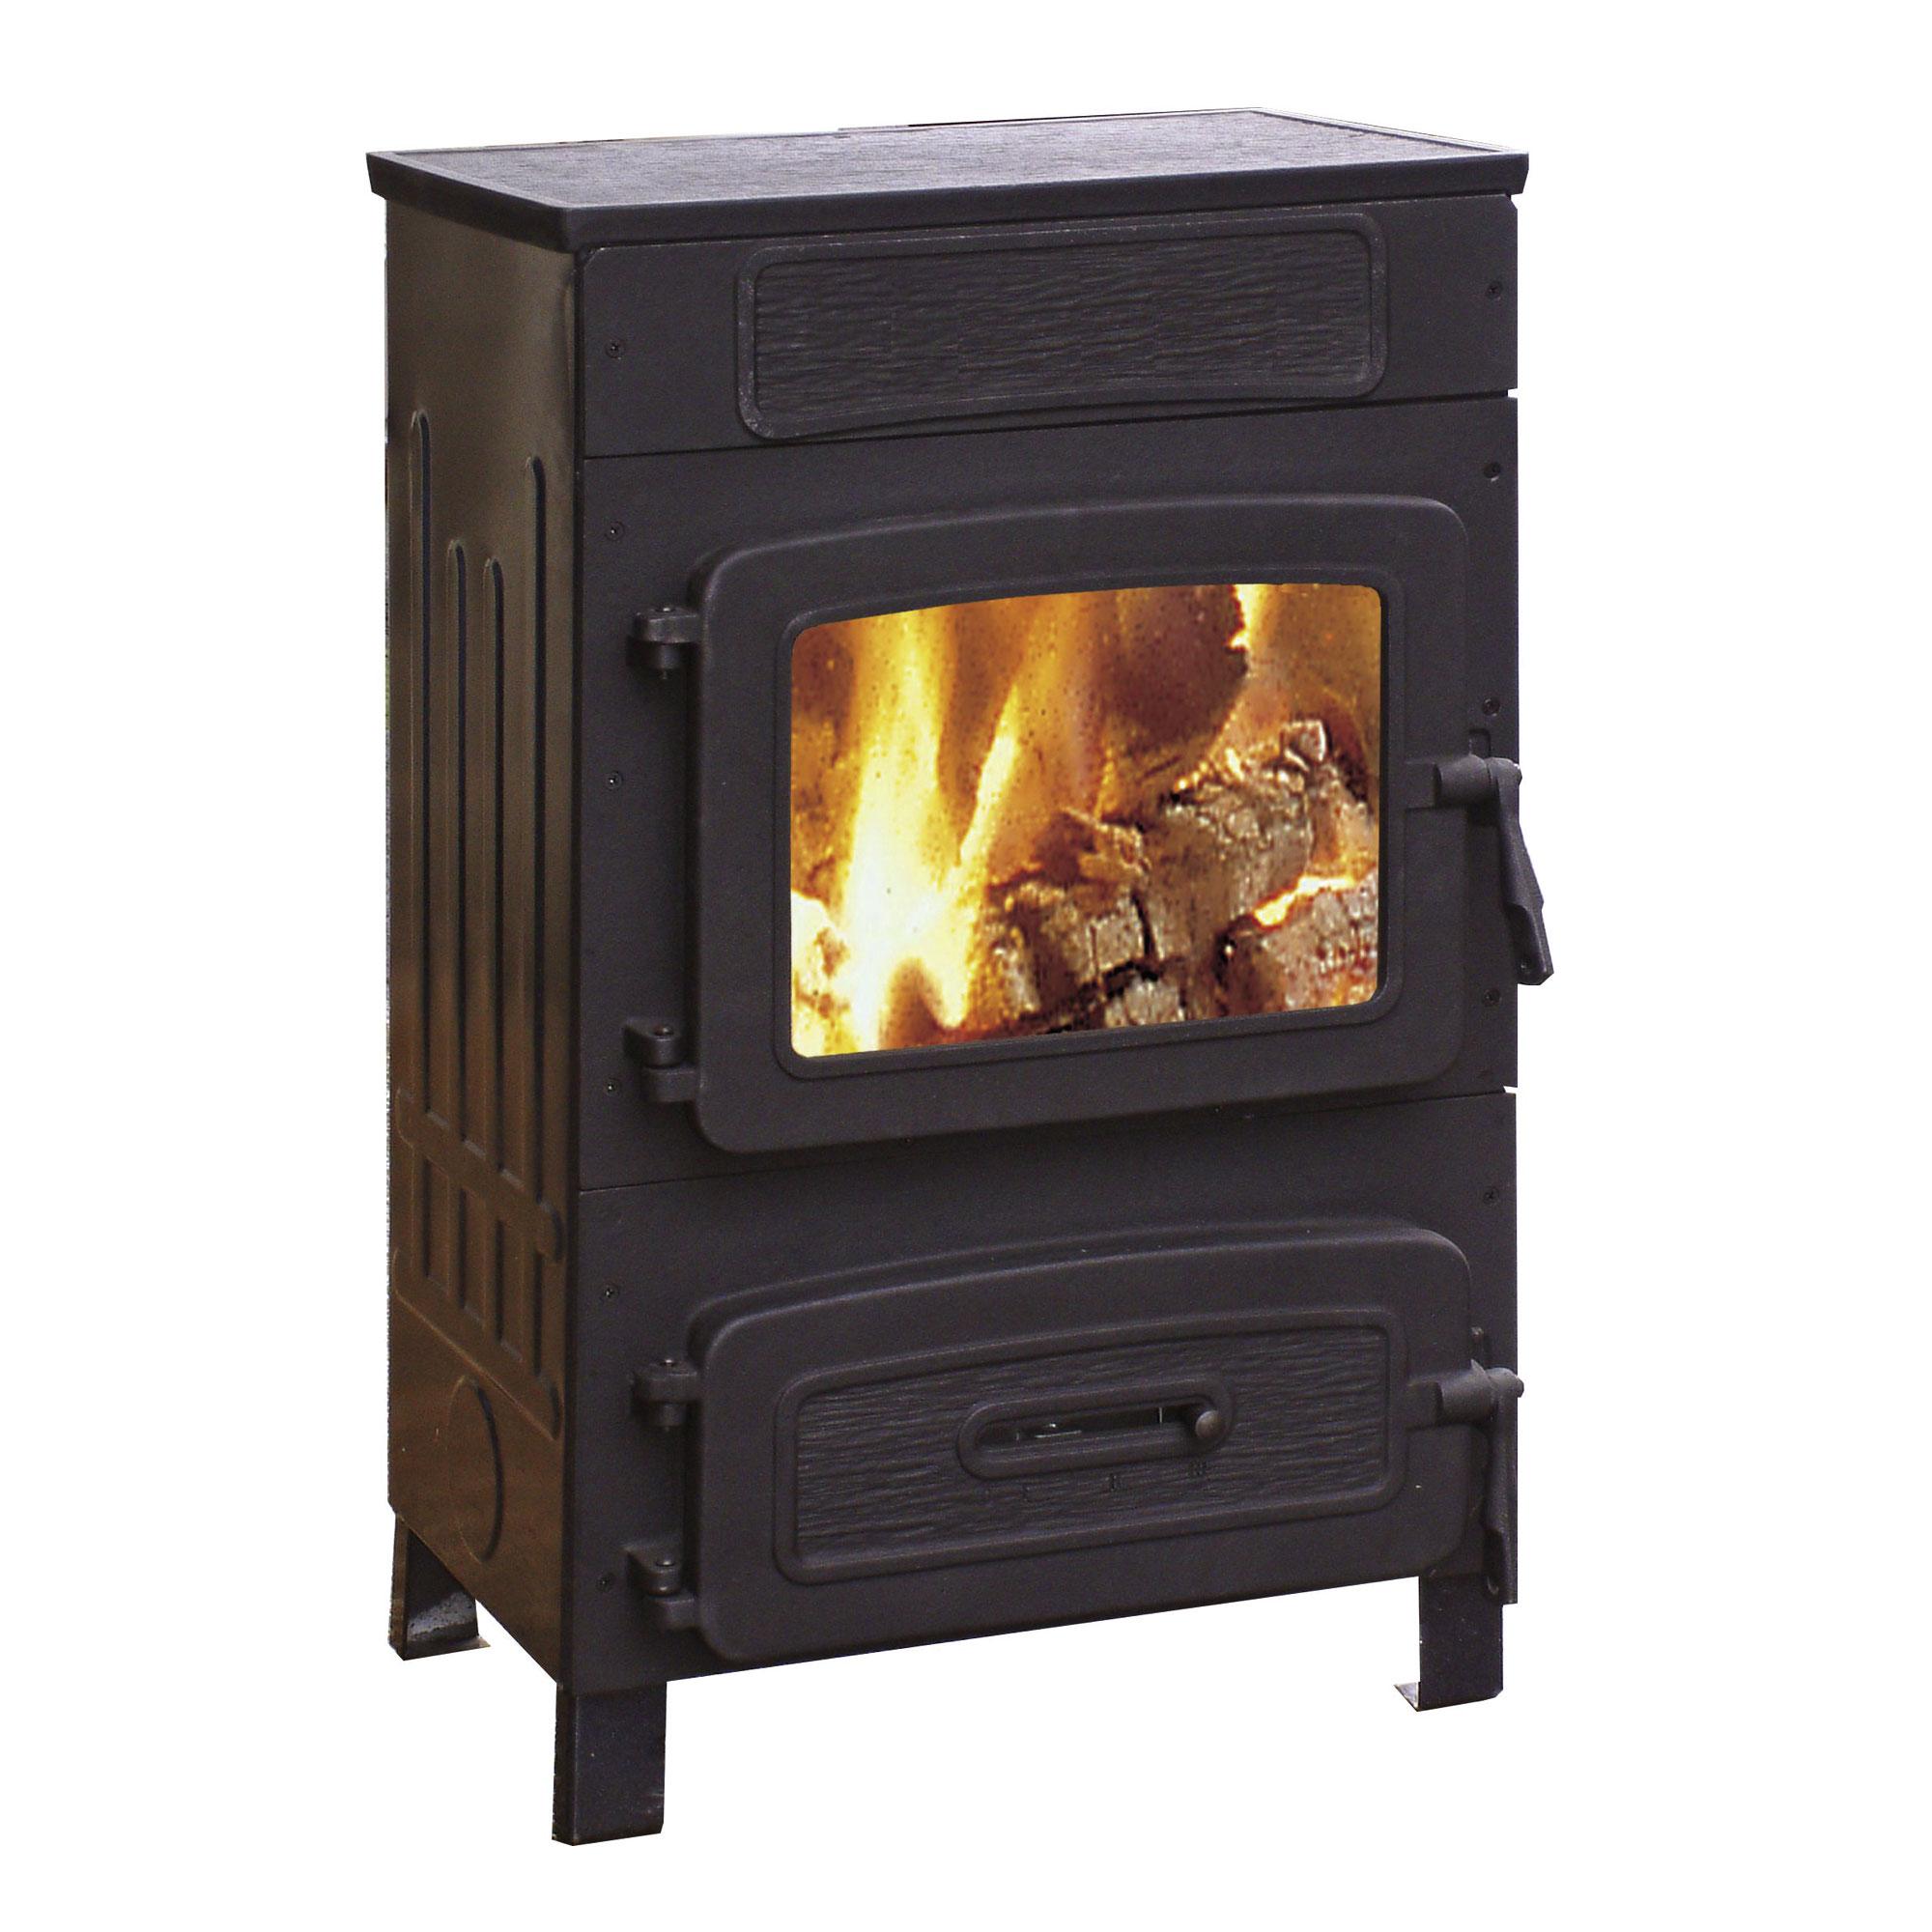 kamin wo 109 6 f a werkstattofen wamsler online kaufen. Black Bedroom Furniture Sets. Home Design Ideas